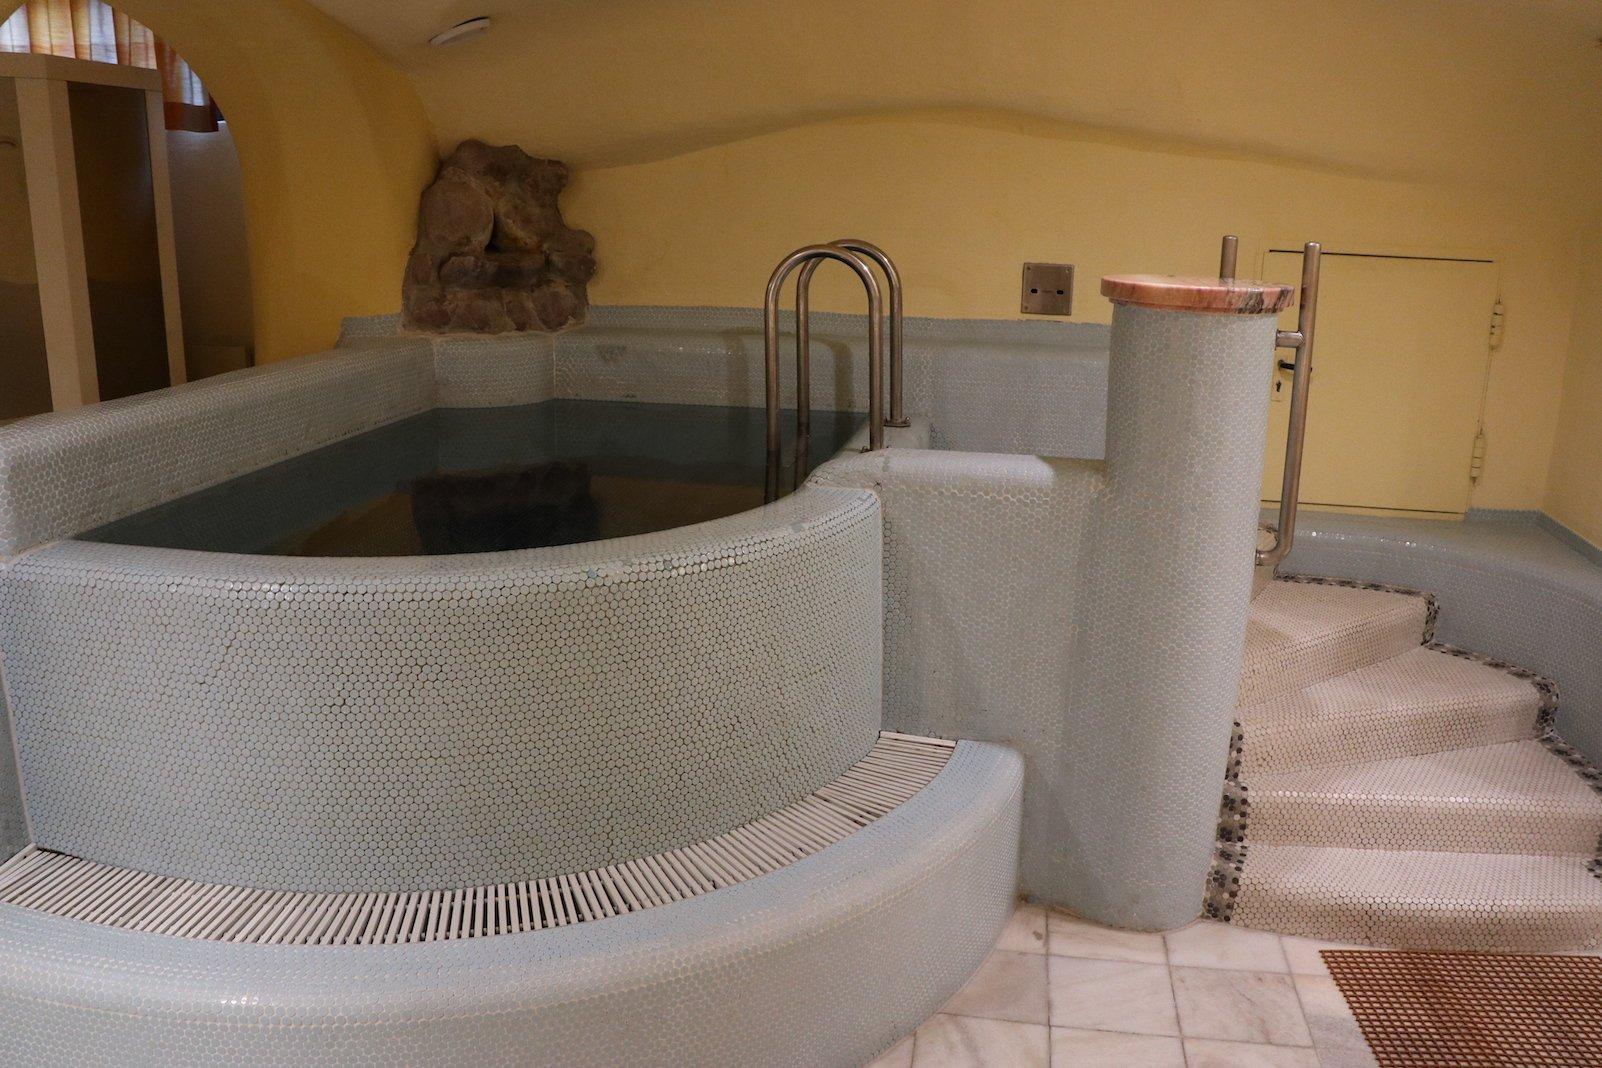 Tauchbecken in der Erlebnis-Saunalandschaft im Pulverer